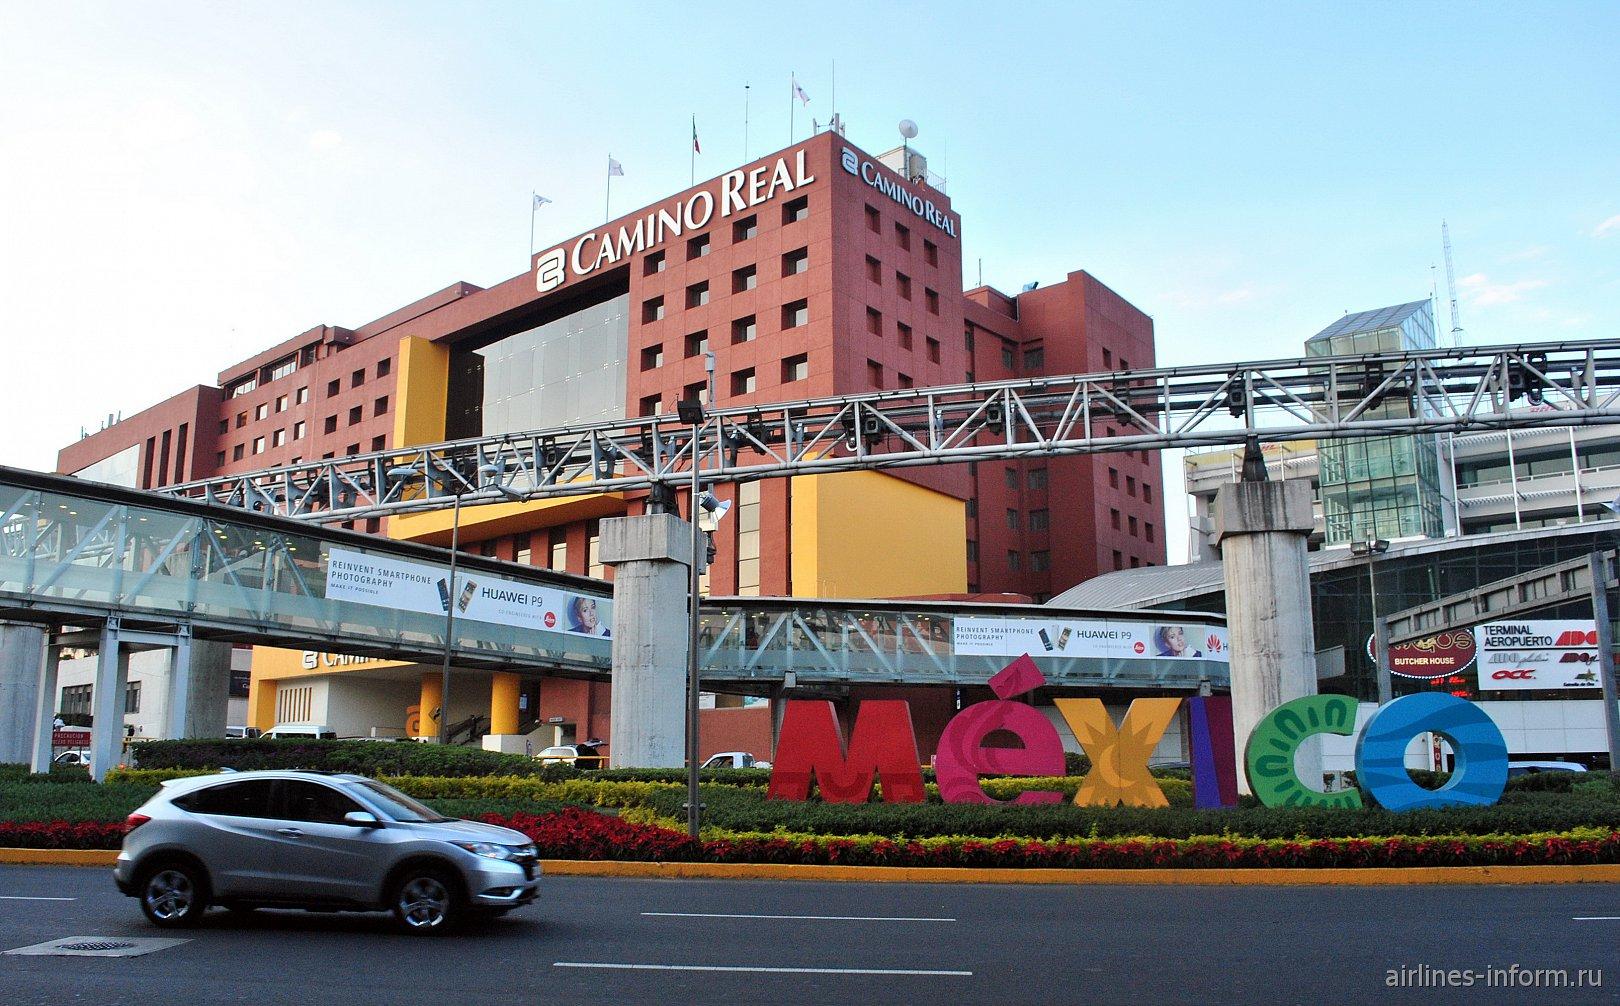 Отель Camino Real напротив терминала Т1 аэропорта Мехико Бенито Хуарес